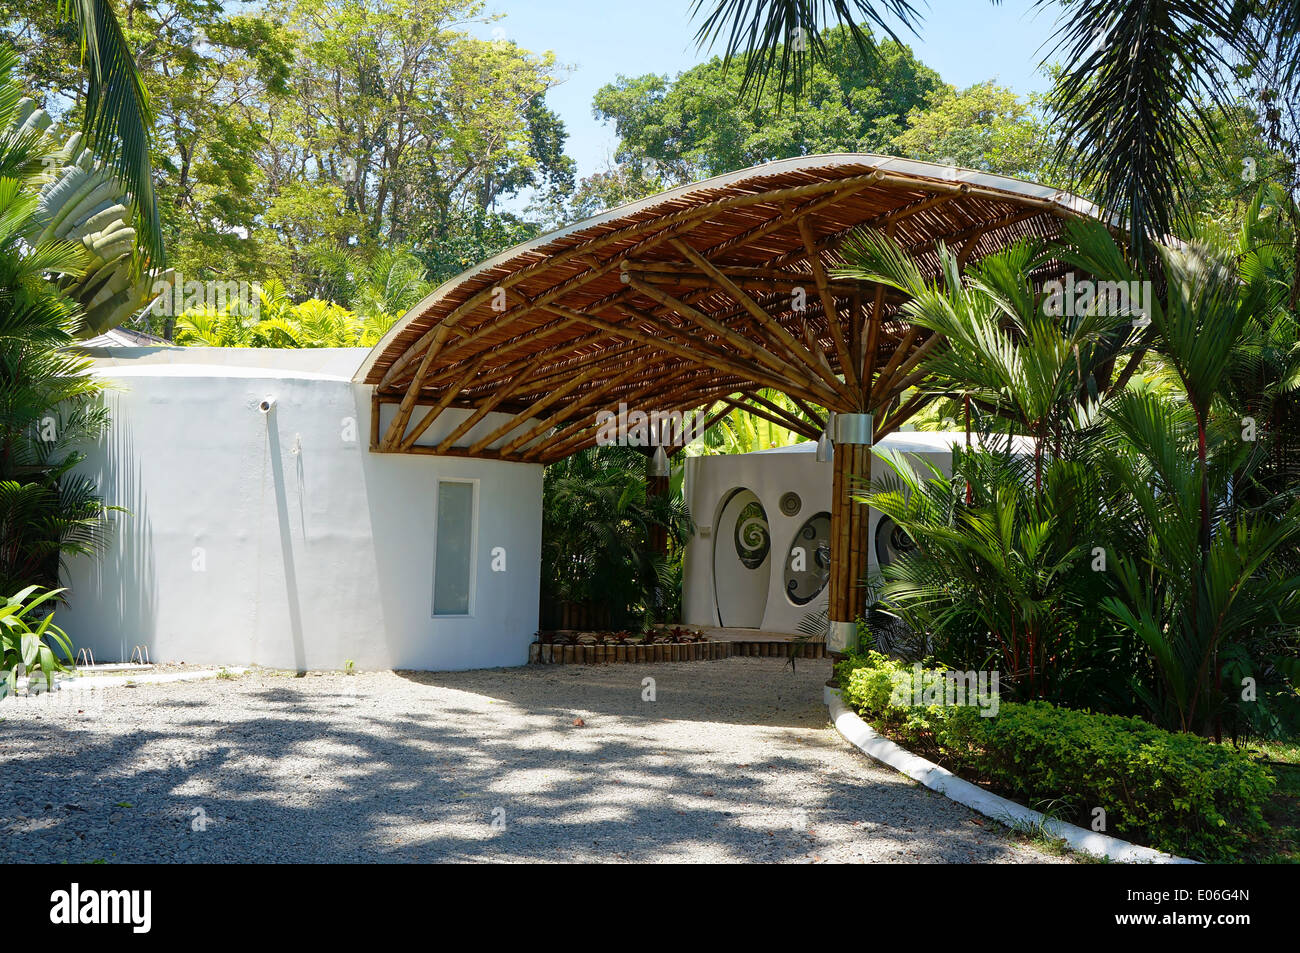 Tropischer Architektur, überdachte Einfahrt, die mit Bambus, Karibik, Puerto Viejo, Costa Rica Stockbild